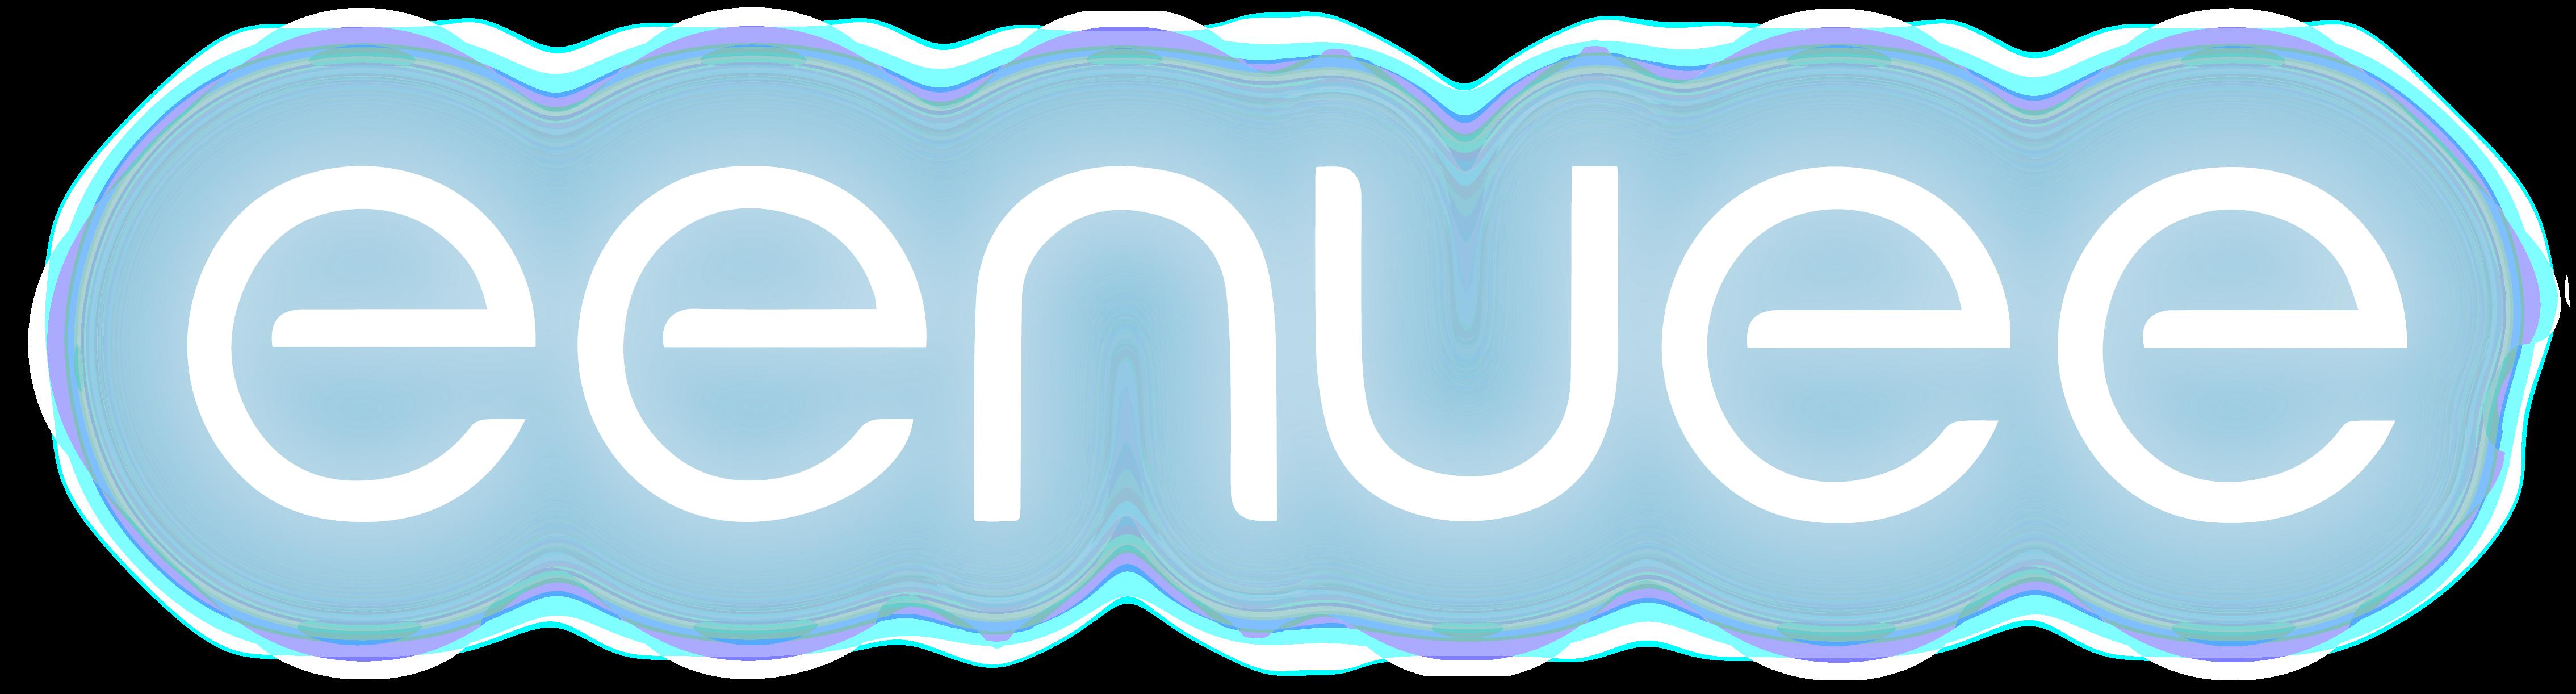 logo_retouche neon_bleuv6_recadre